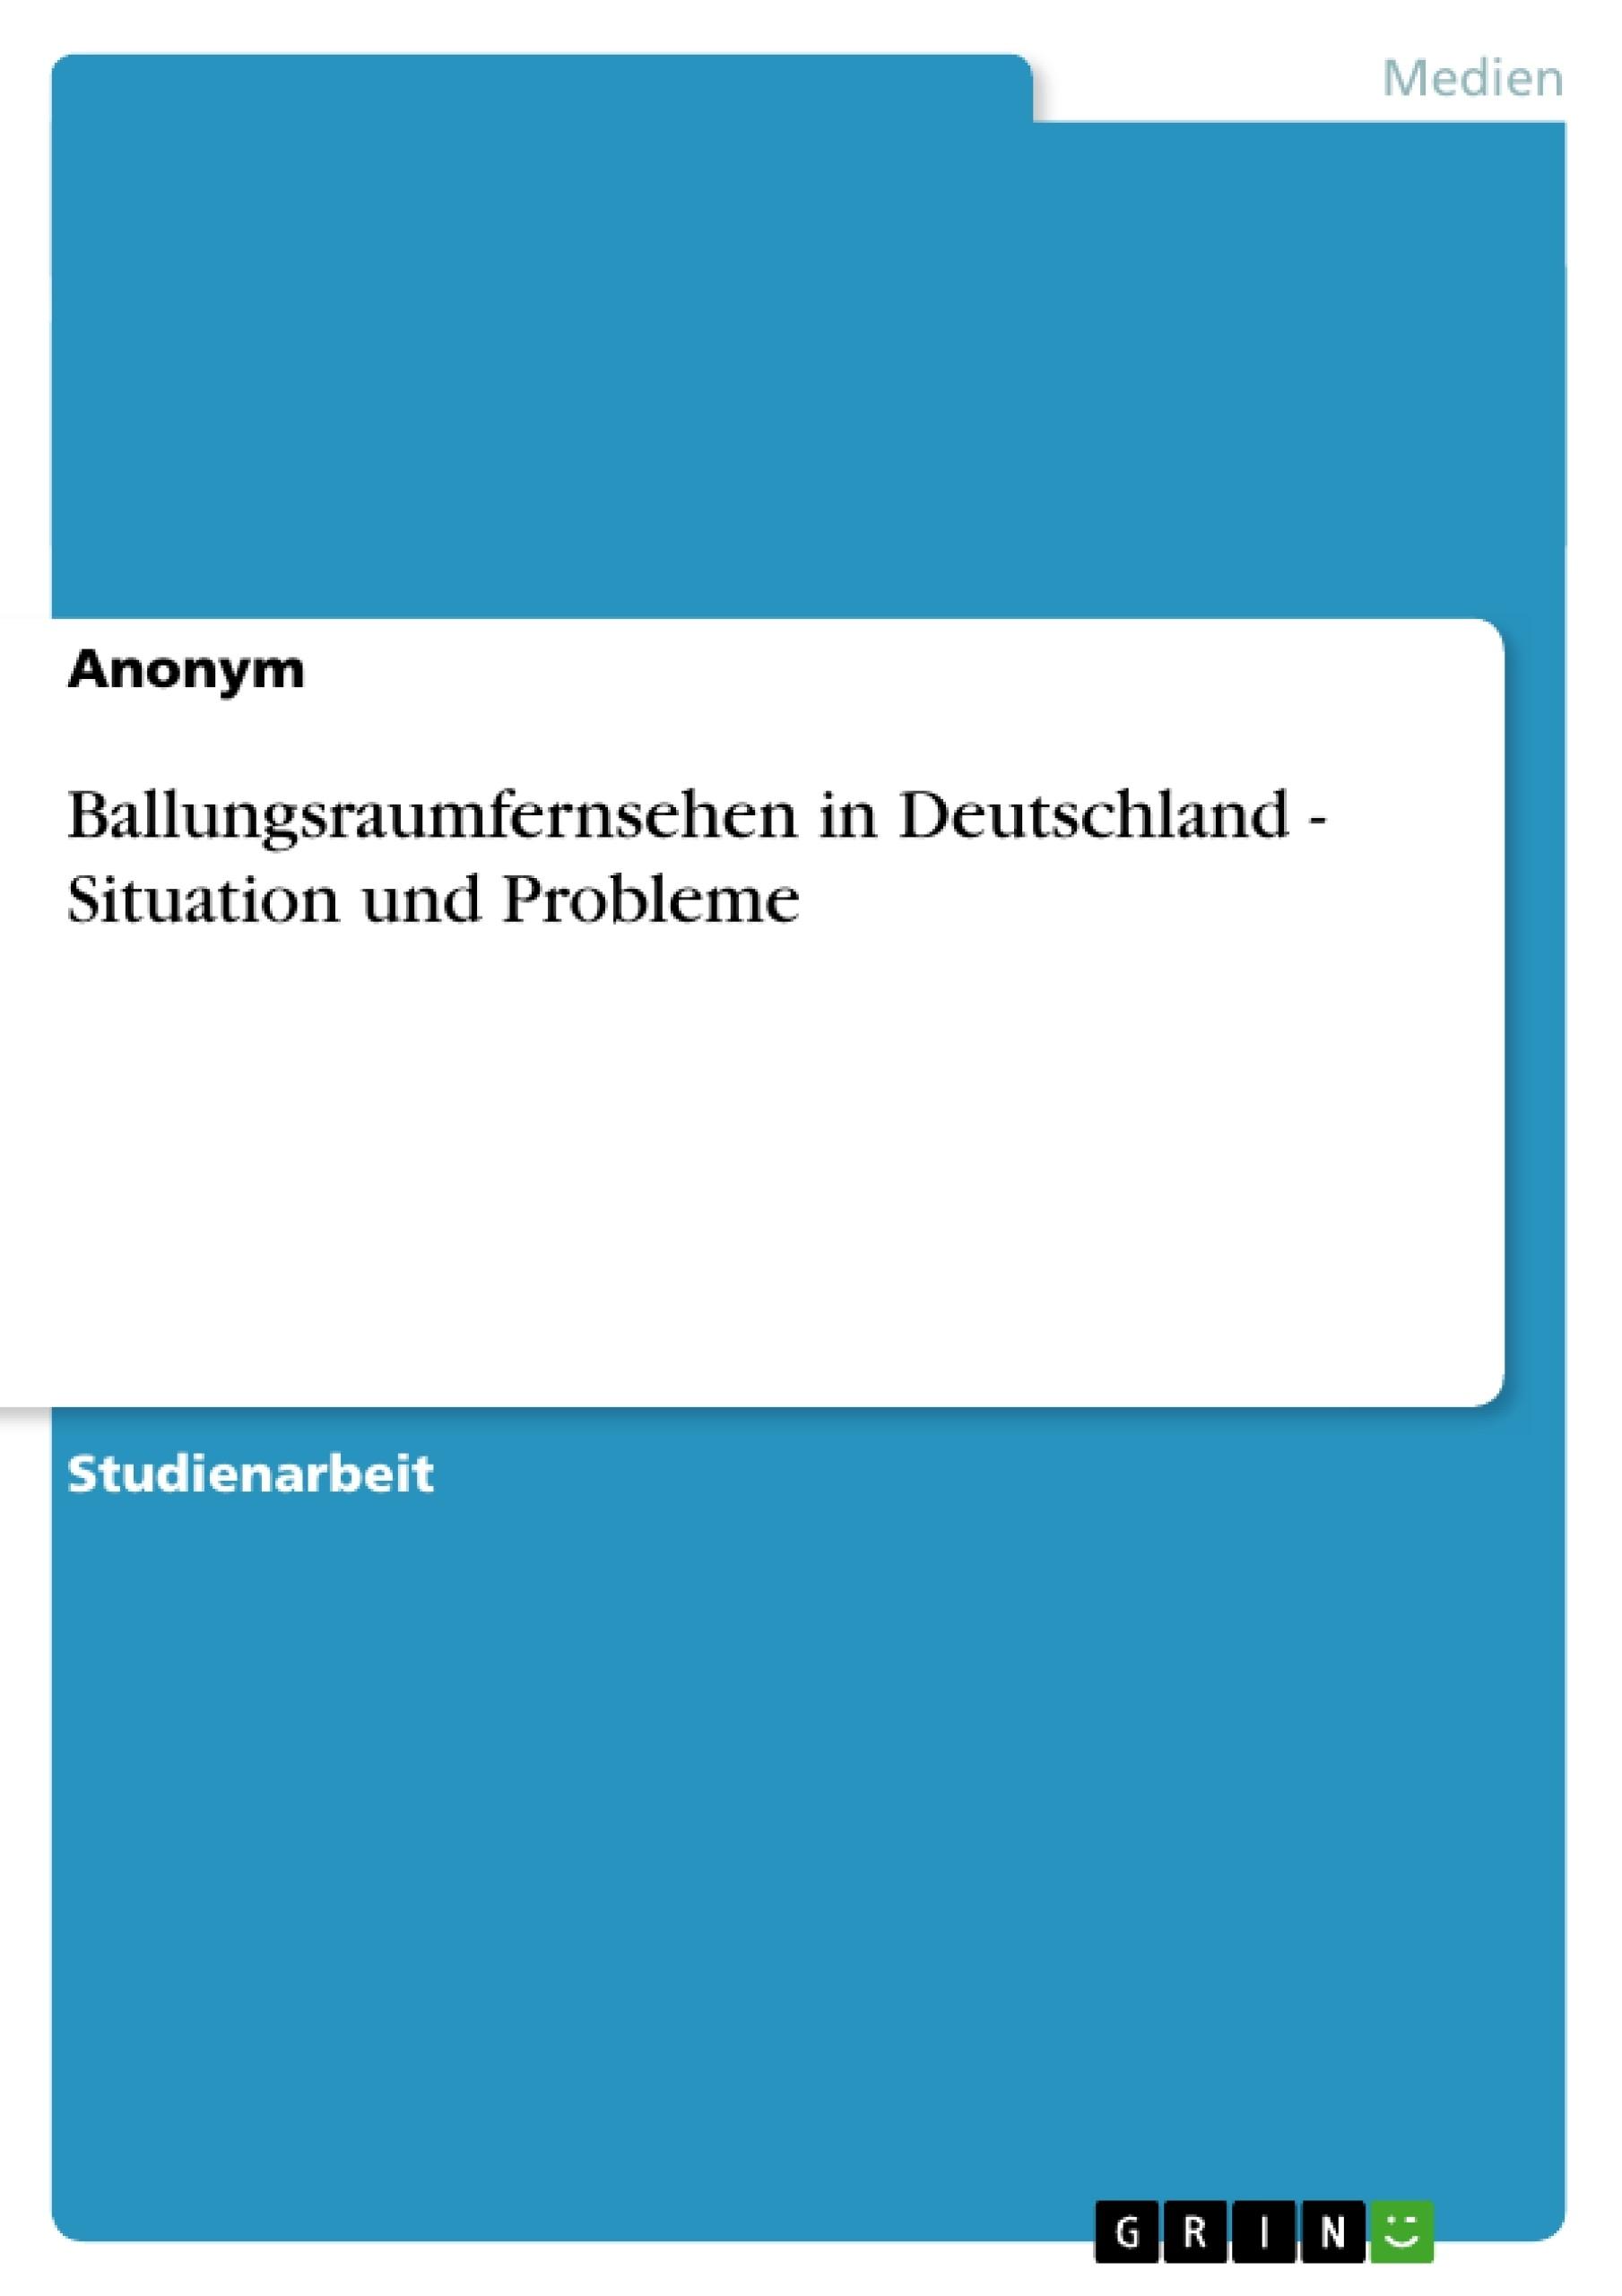 Titel: Ballungsraumfernsehen in Deutschland - Situation und Probleme